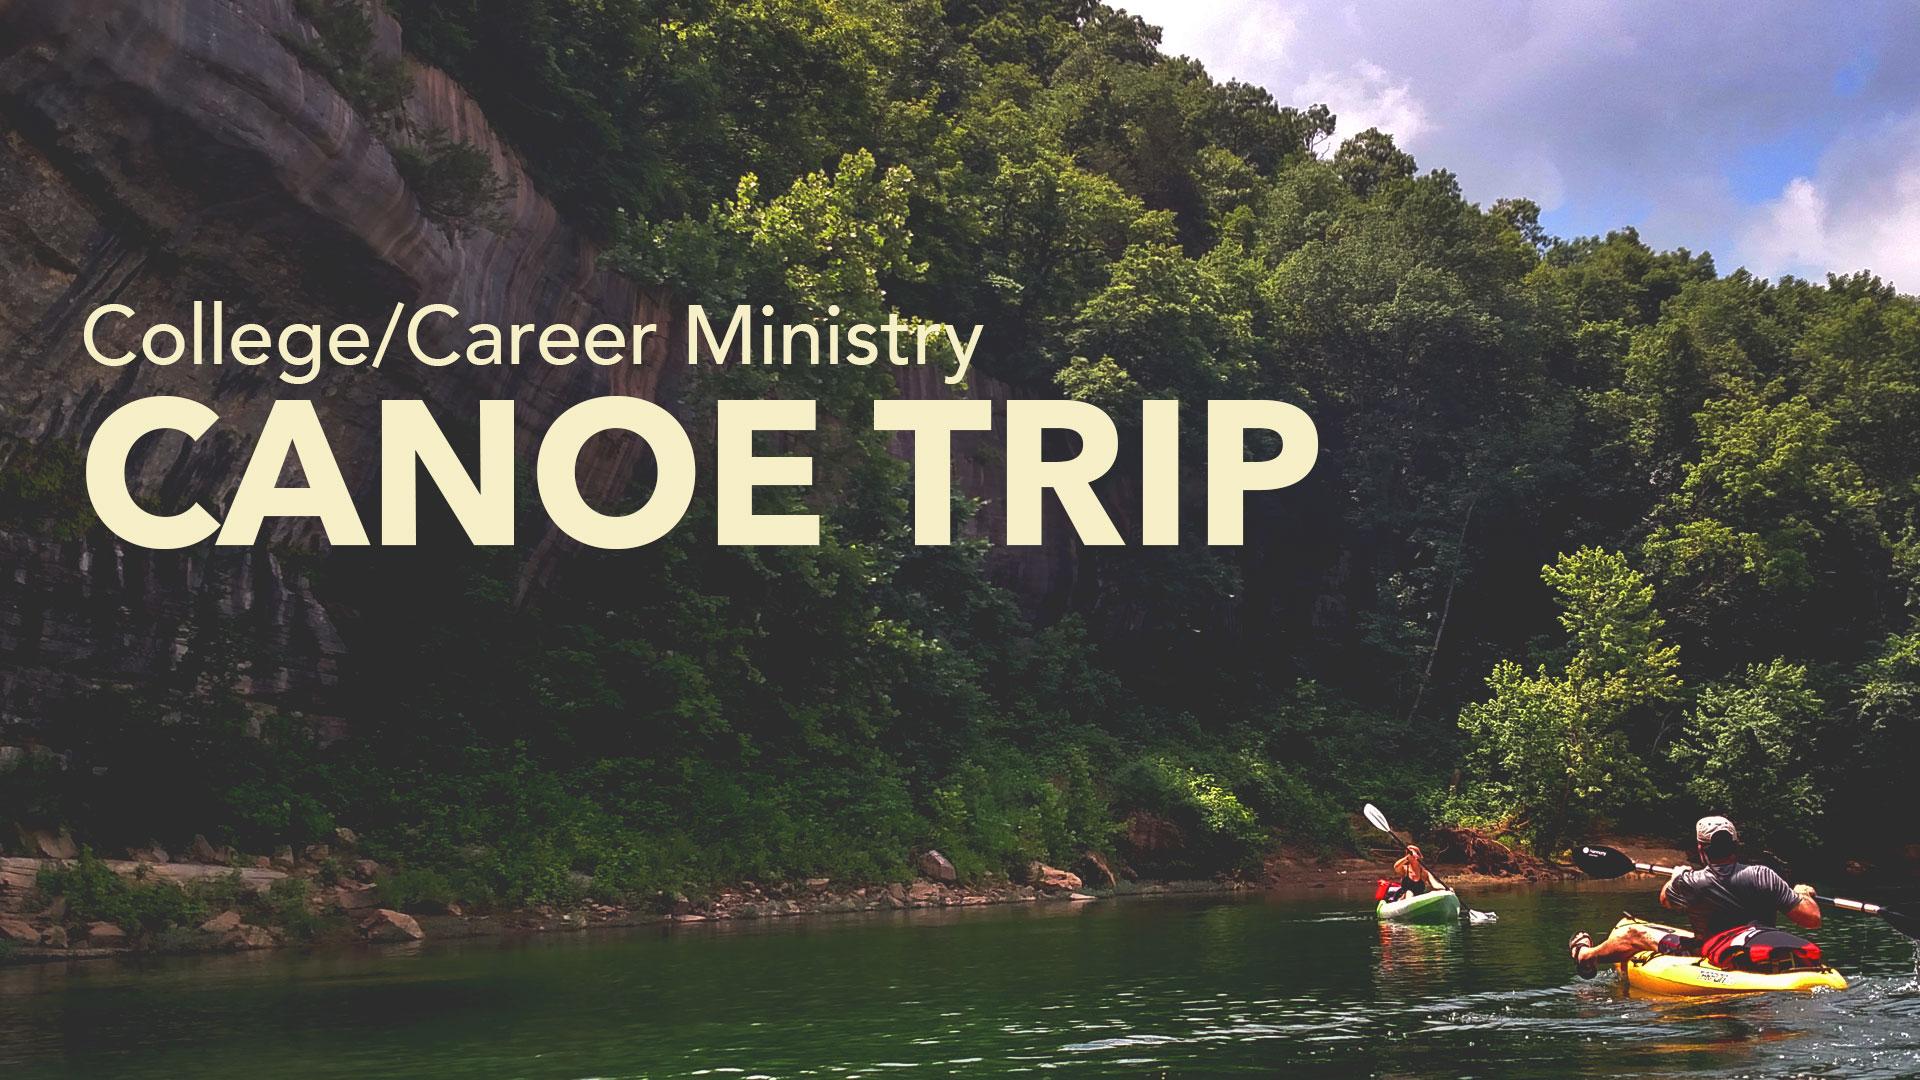 060119_College-Canoe-Trip_WEB.jpg